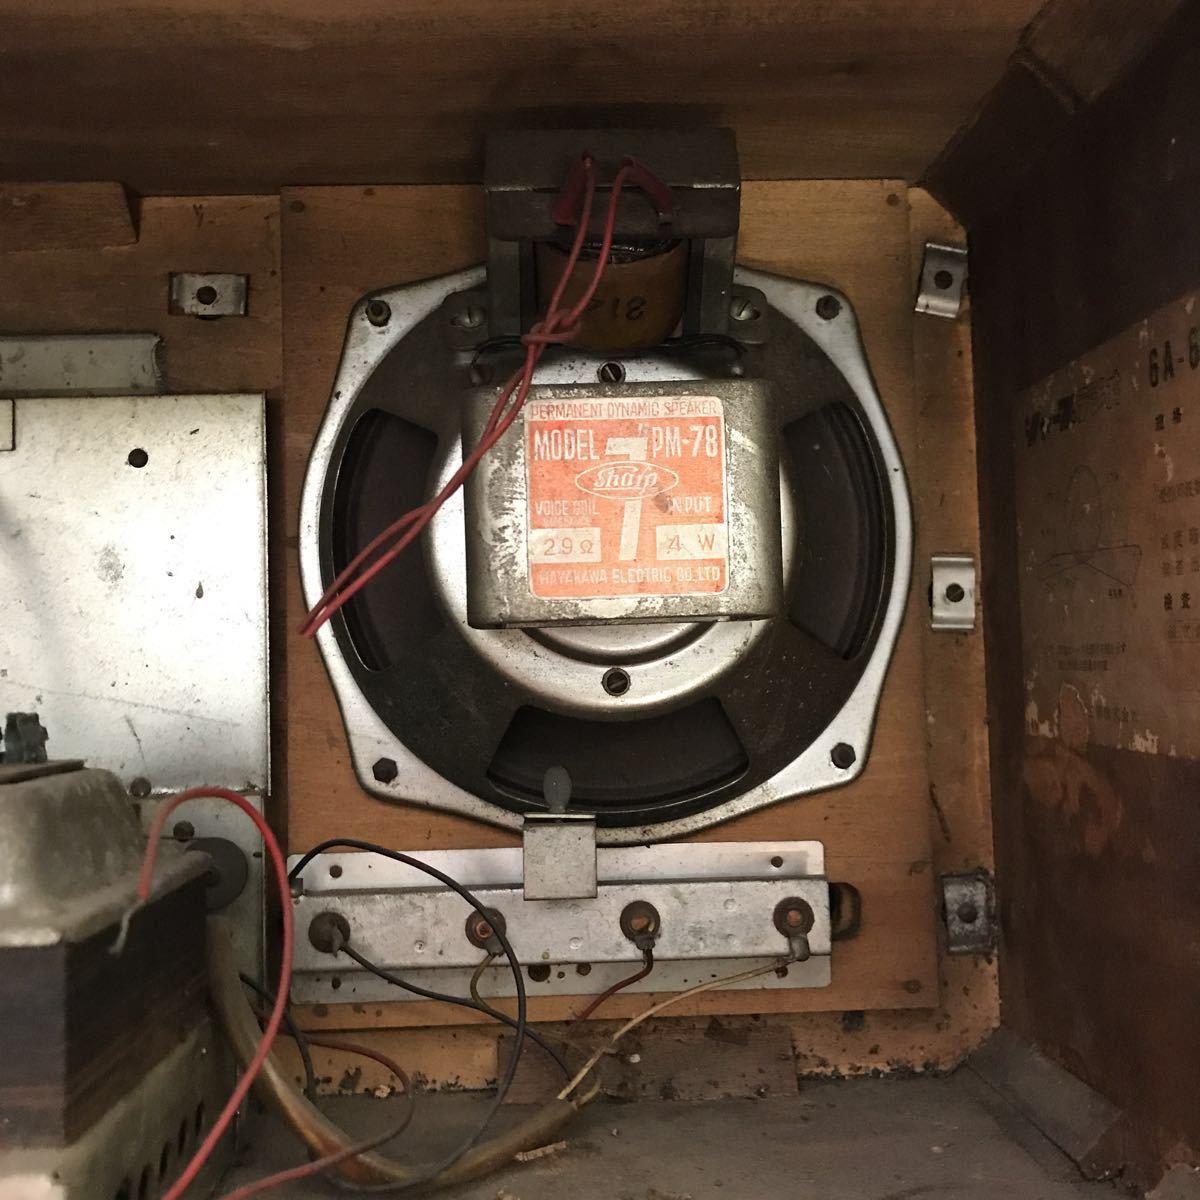 シャープ SHARP 真空管ラジオ ラジオ 6A-62型 昭和レトロ インテリア ジャンク品_画像7